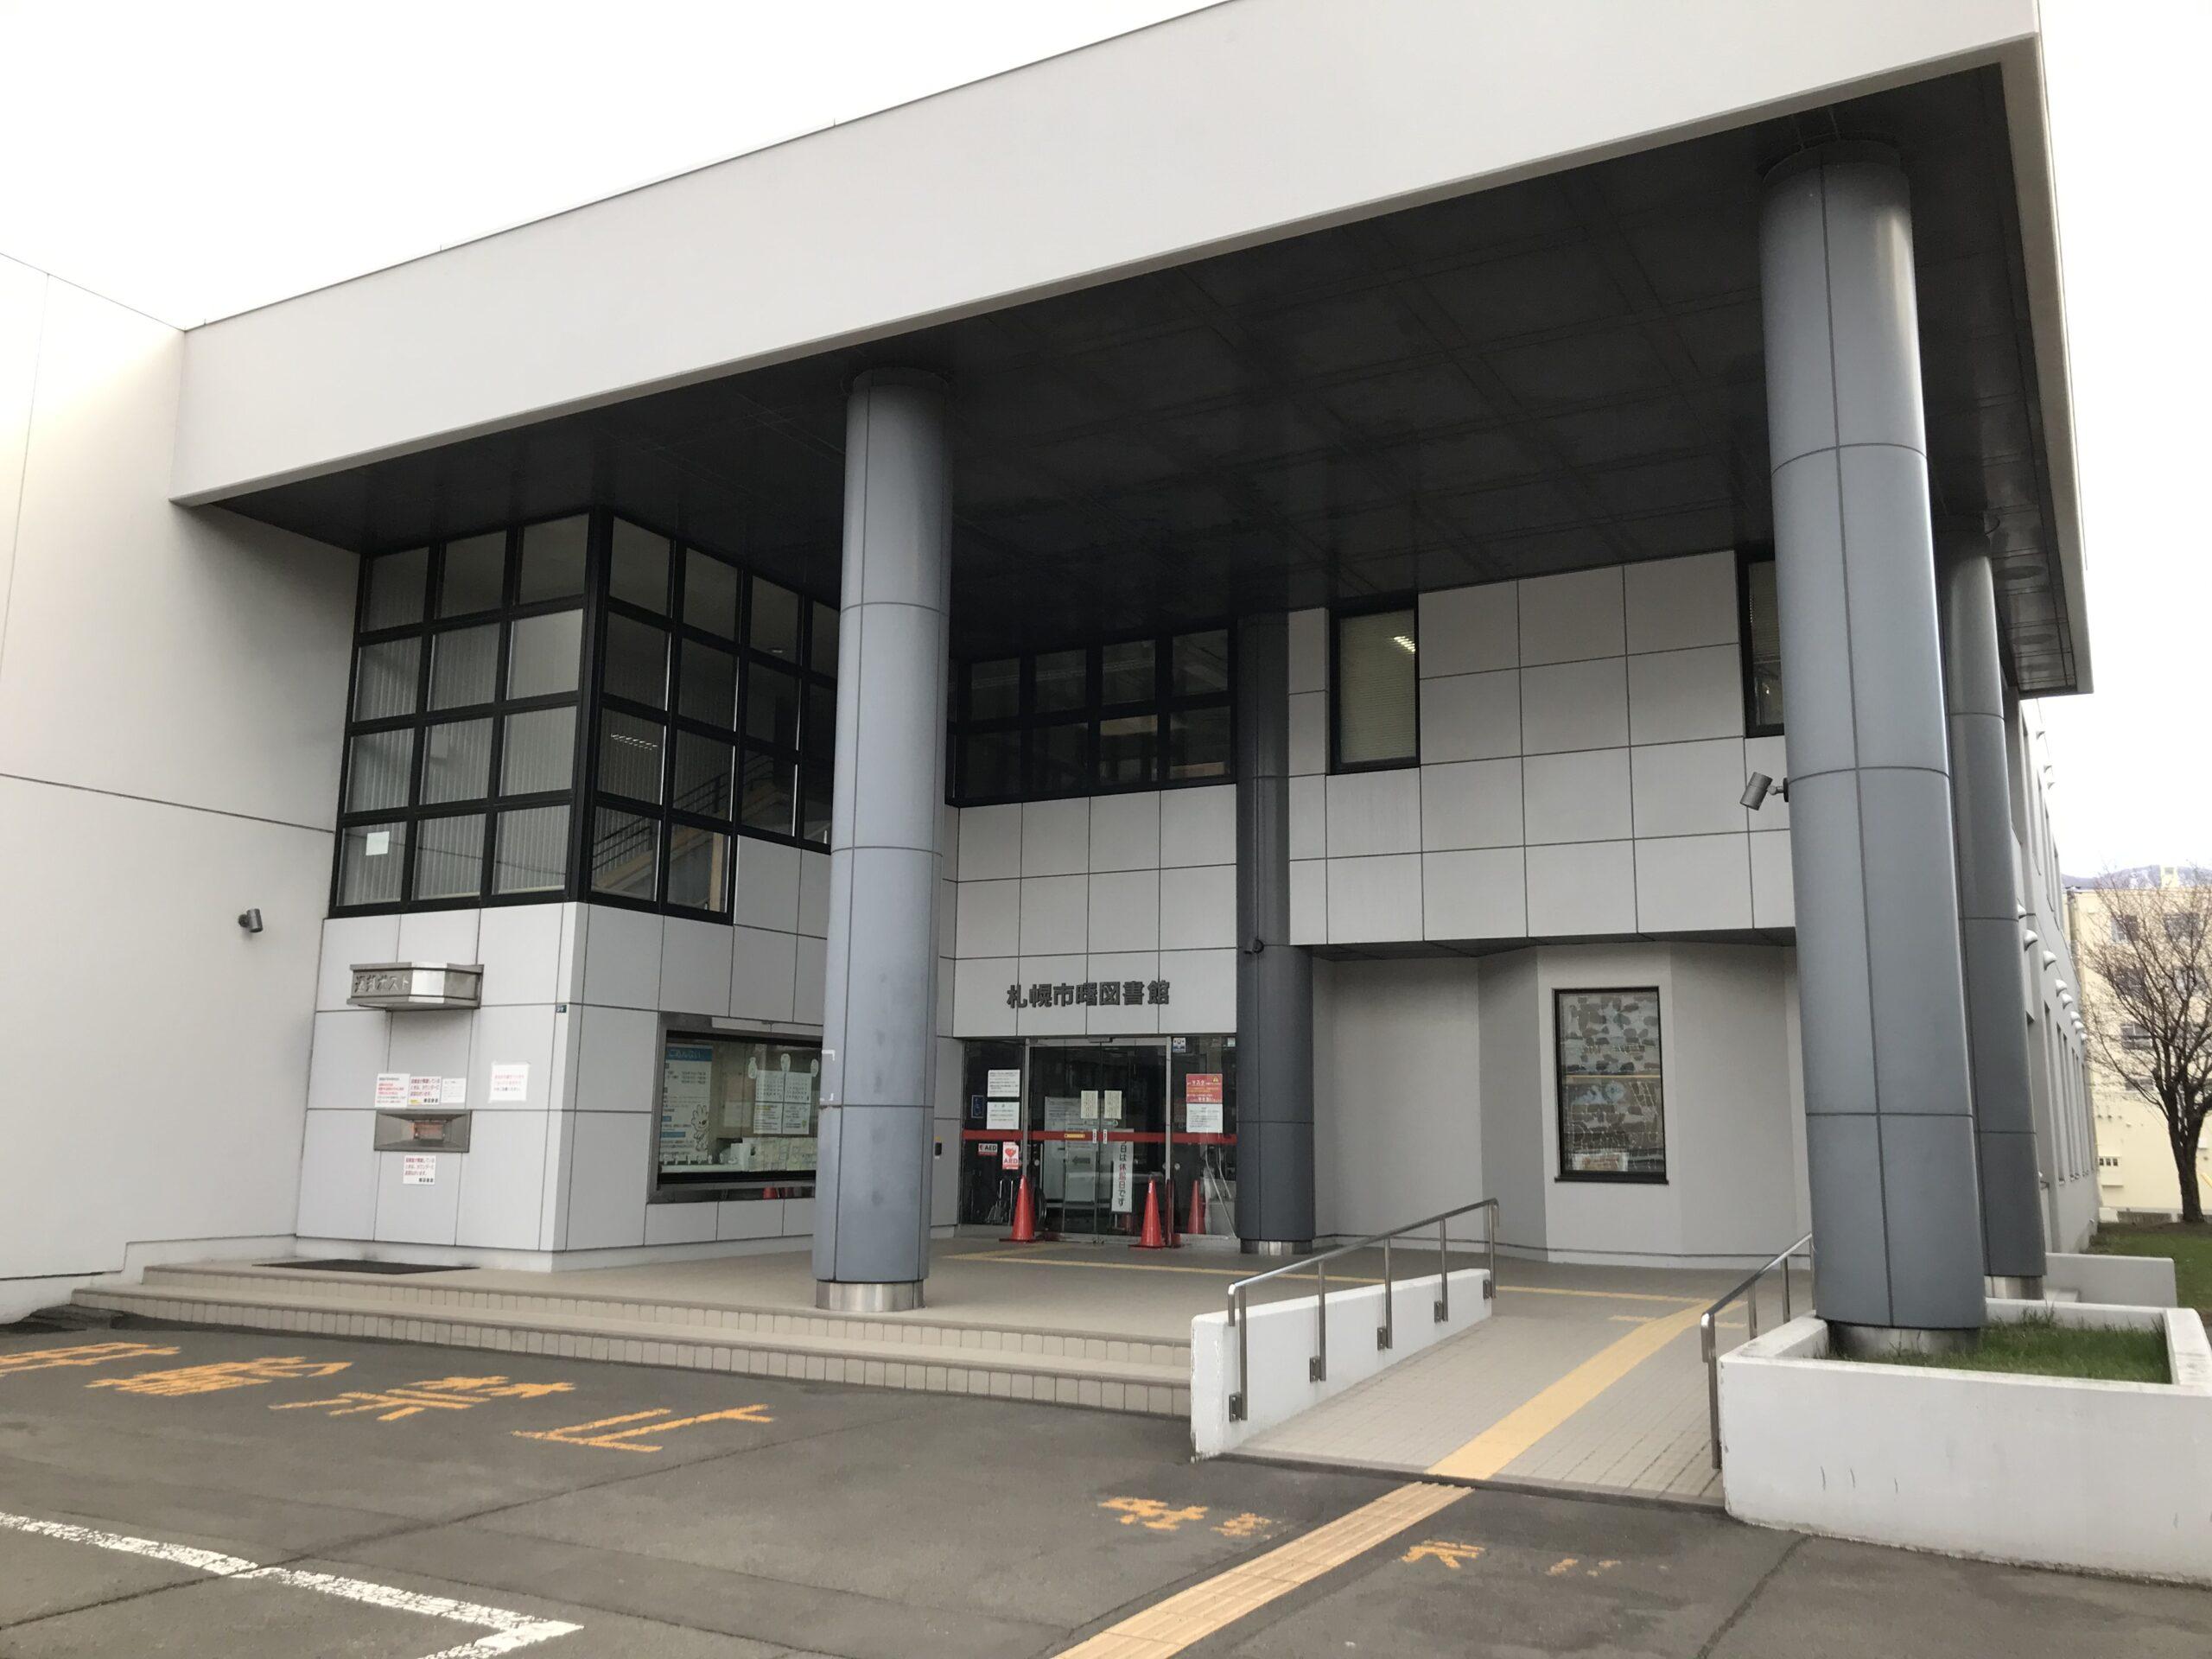 札幌市曙図書館